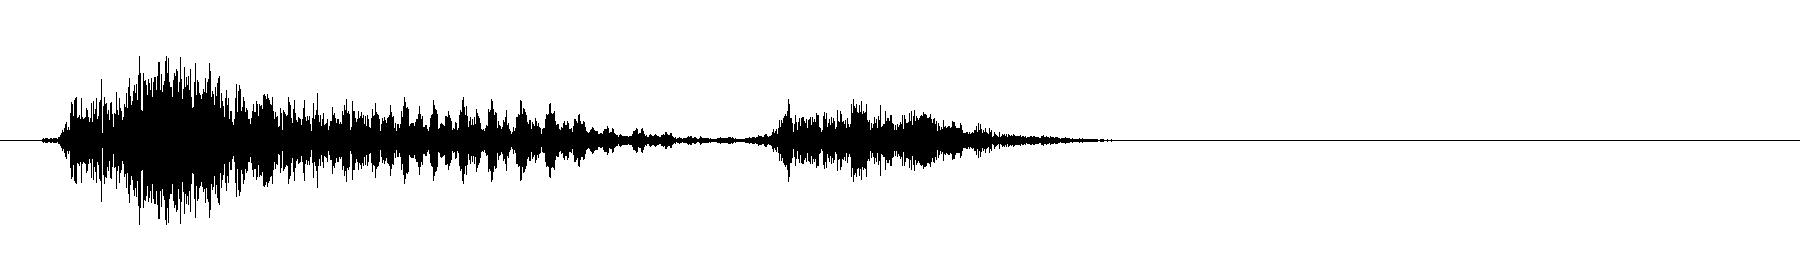 vocoder 1   8